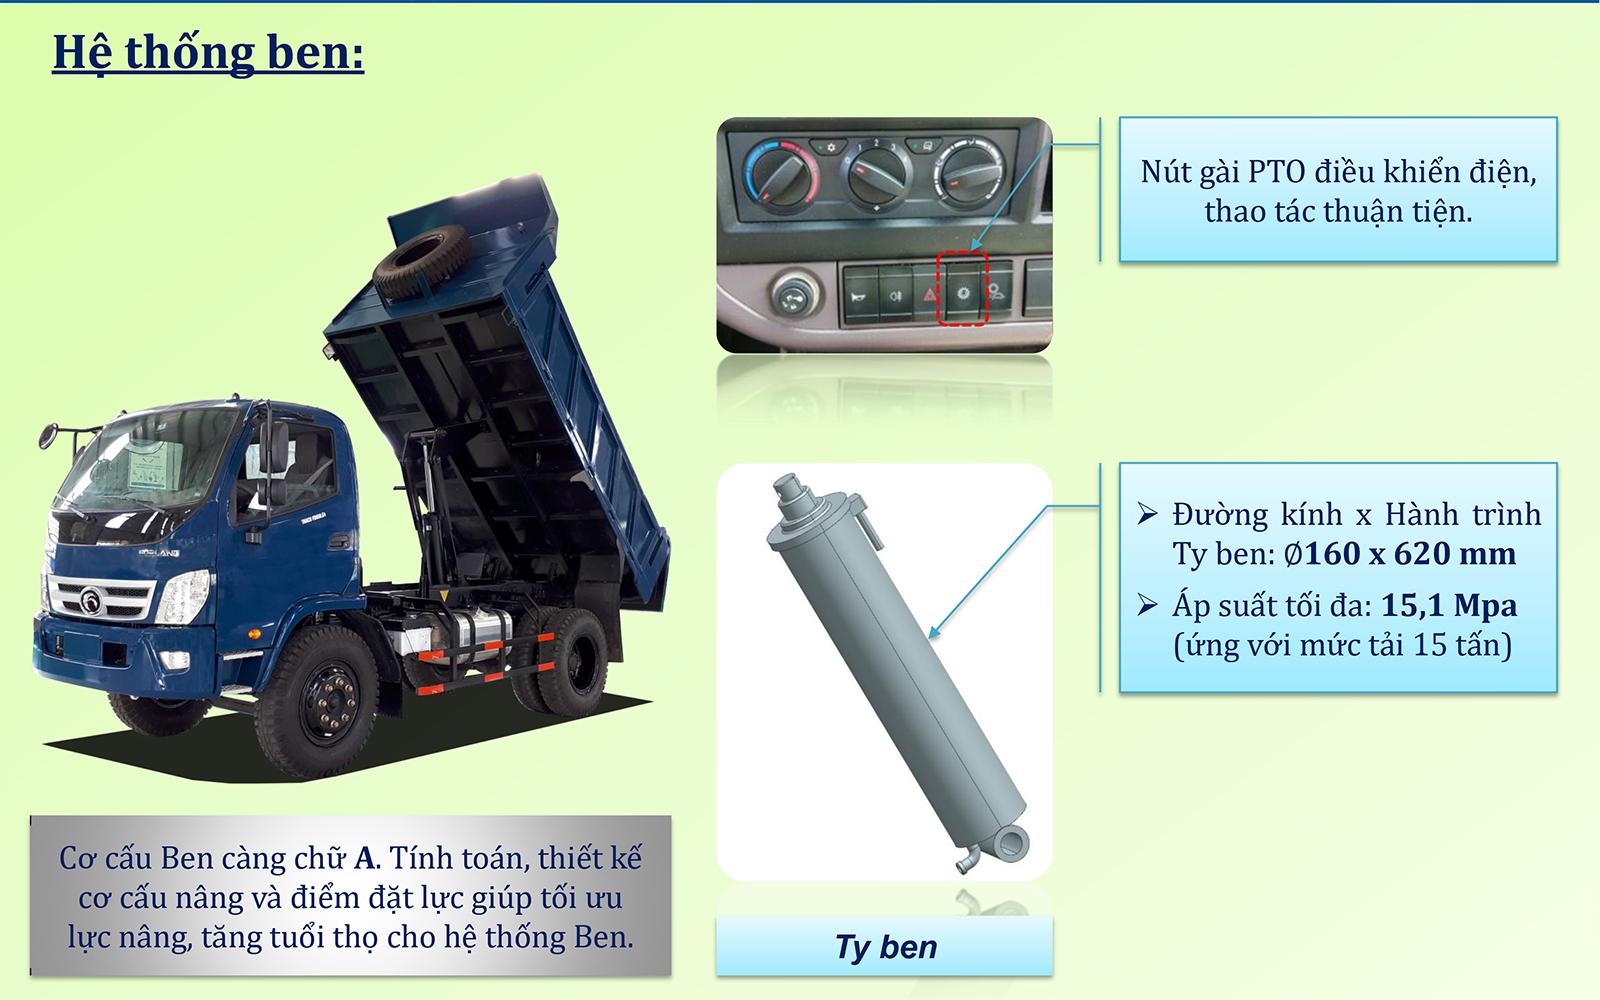 Hệ thống ben FD650 có áp suất tối đa đến 15,1 Mpa